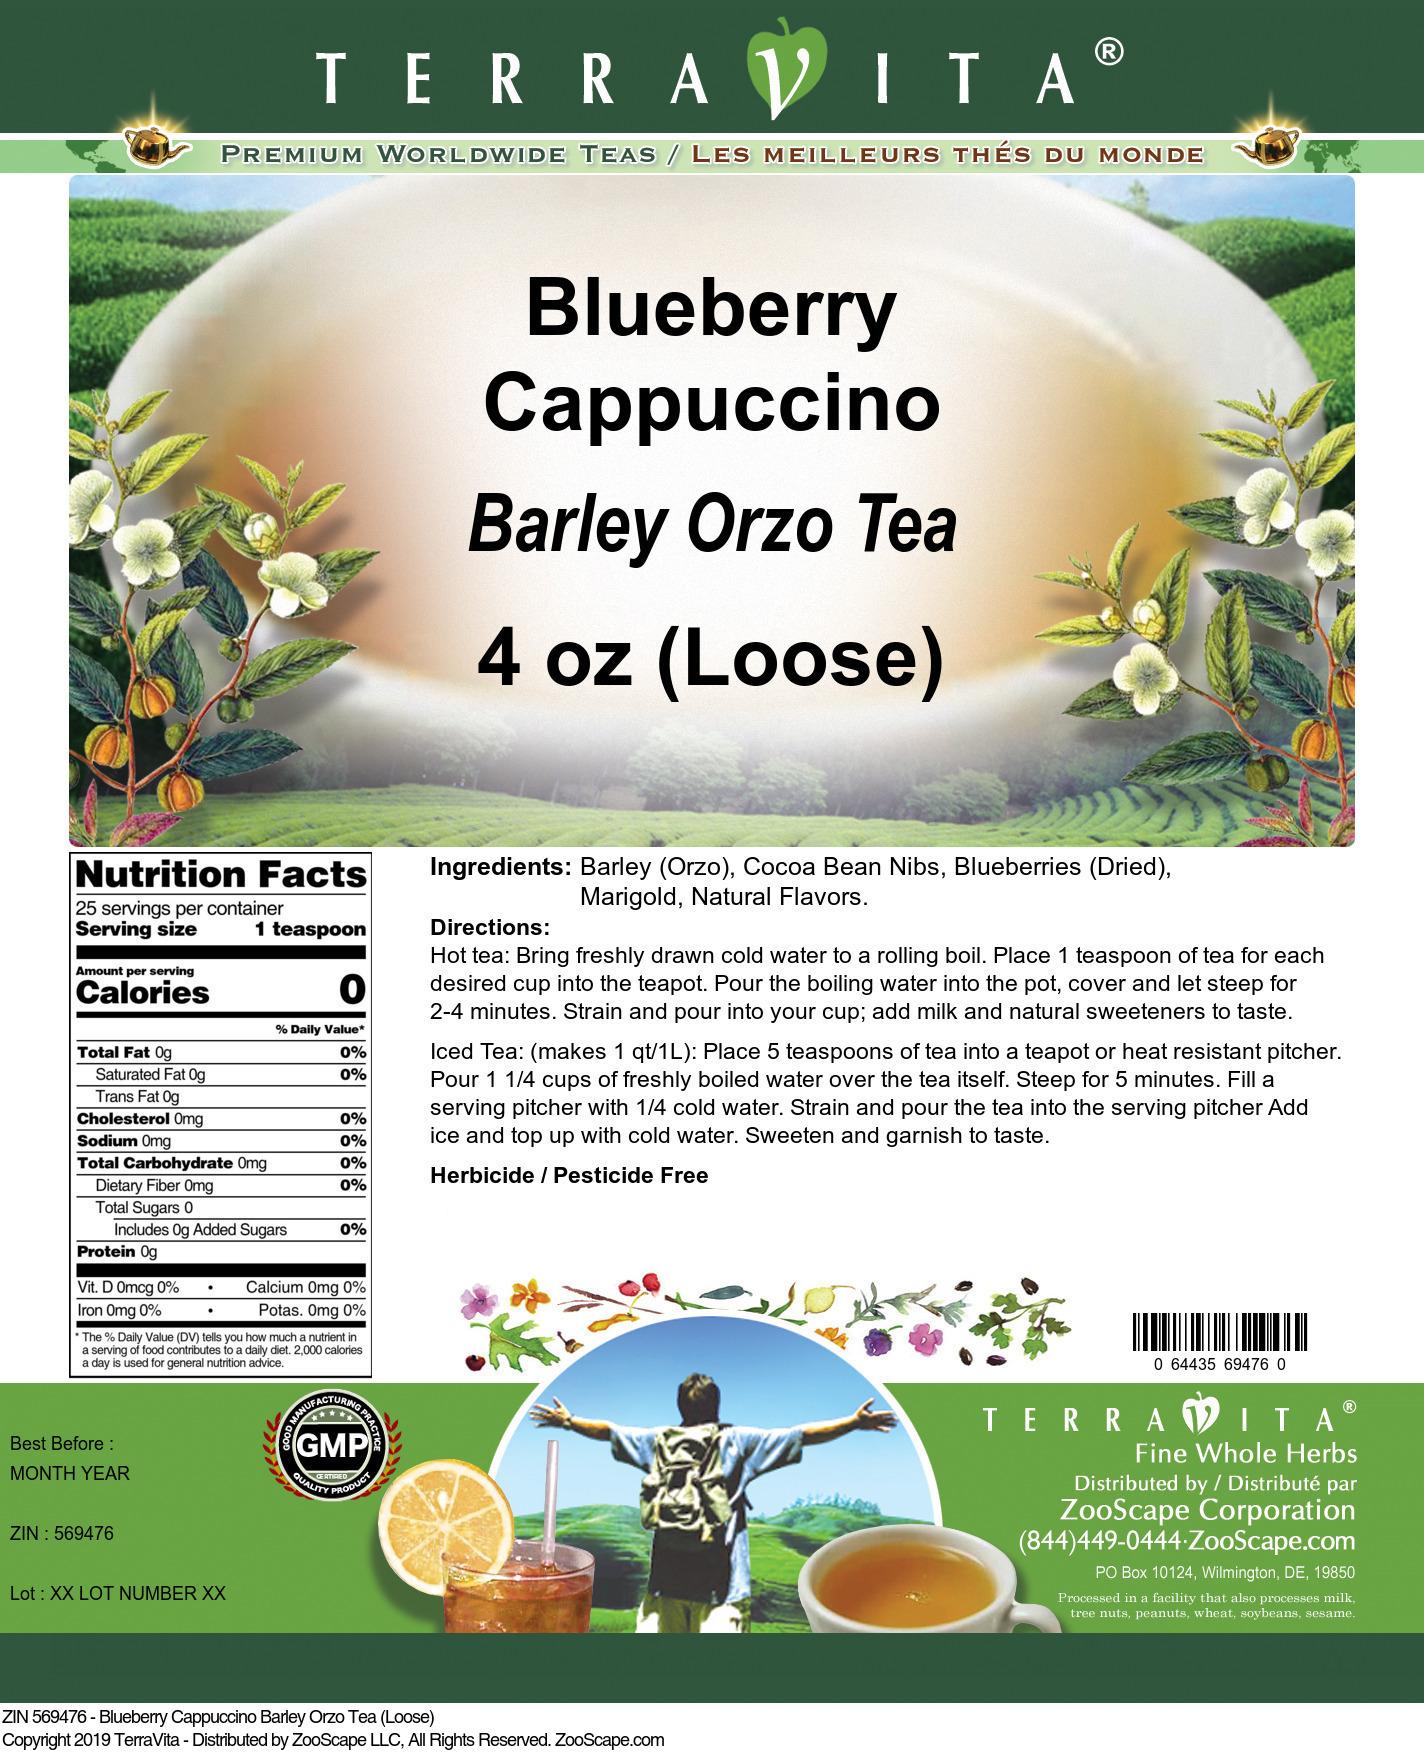 Blueberry Cappuccino Barley Orzo